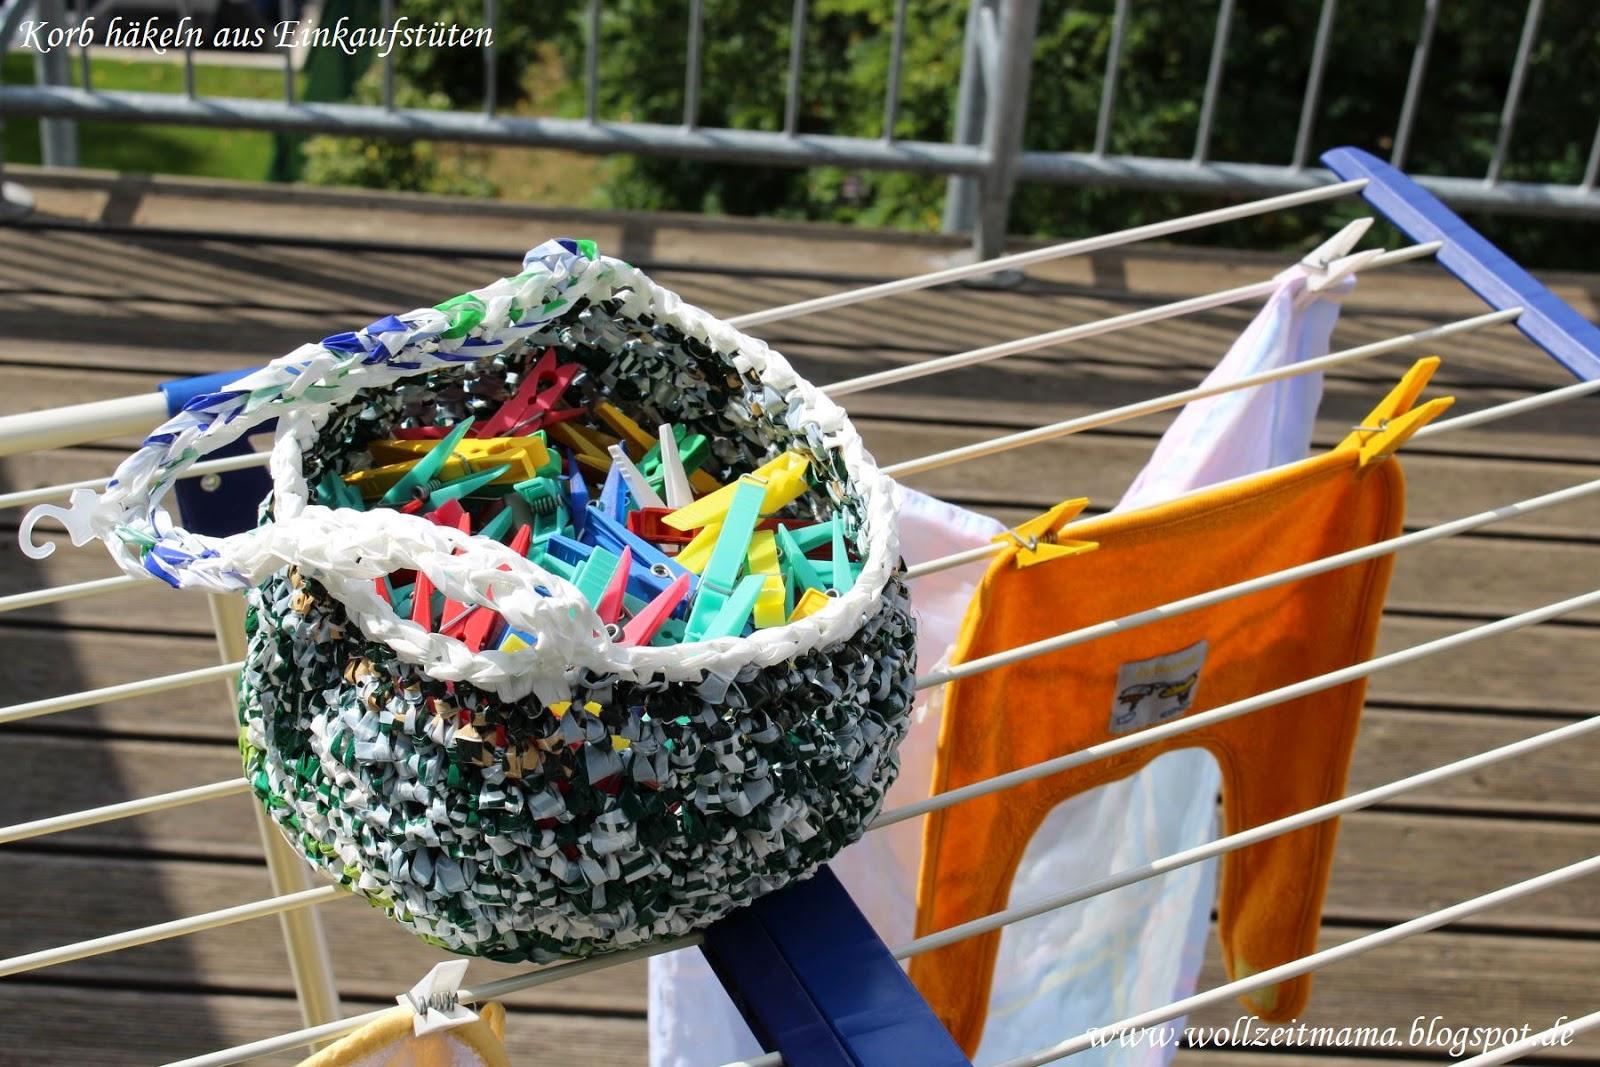 Korb häkeln aus Tüten, Anleitung kostenlos